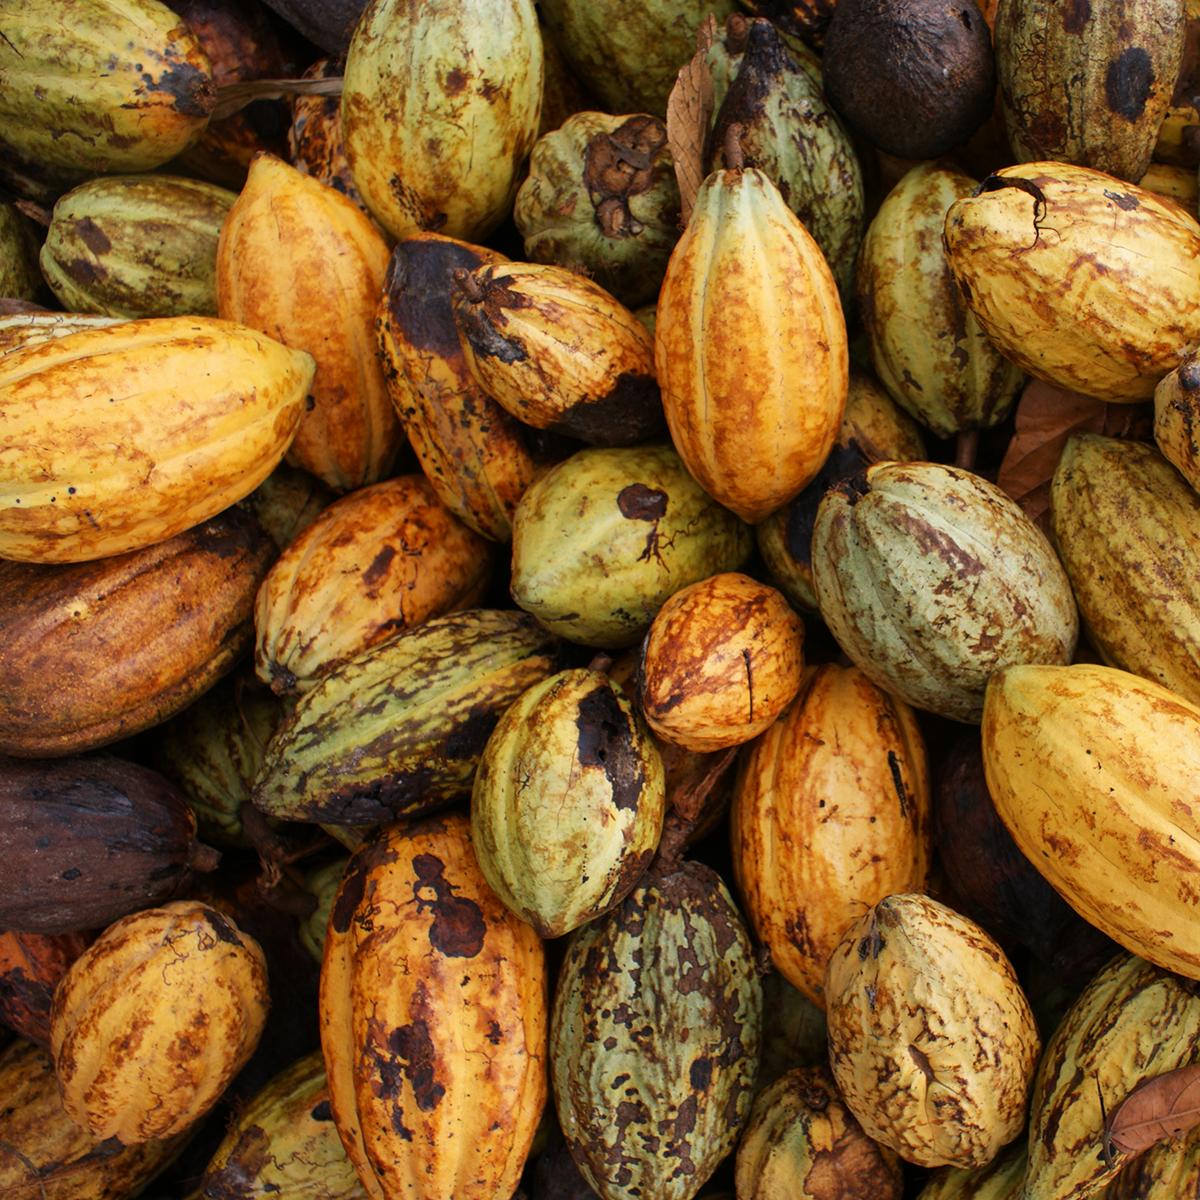 Nestlén päätös tulee kaakaonviljelijöiden kannalta hankalaan aikaan, sillä kaakaon myynti- ja logistiikkaketjut ovat kärsineet koronapandemian seurauksena. Lisäksi ala on viime vuosina kohdannut tuotannollisia haasteita ilmastonmuutoksen takia. Kuva: Fairtrade Max Havelaar Belgium